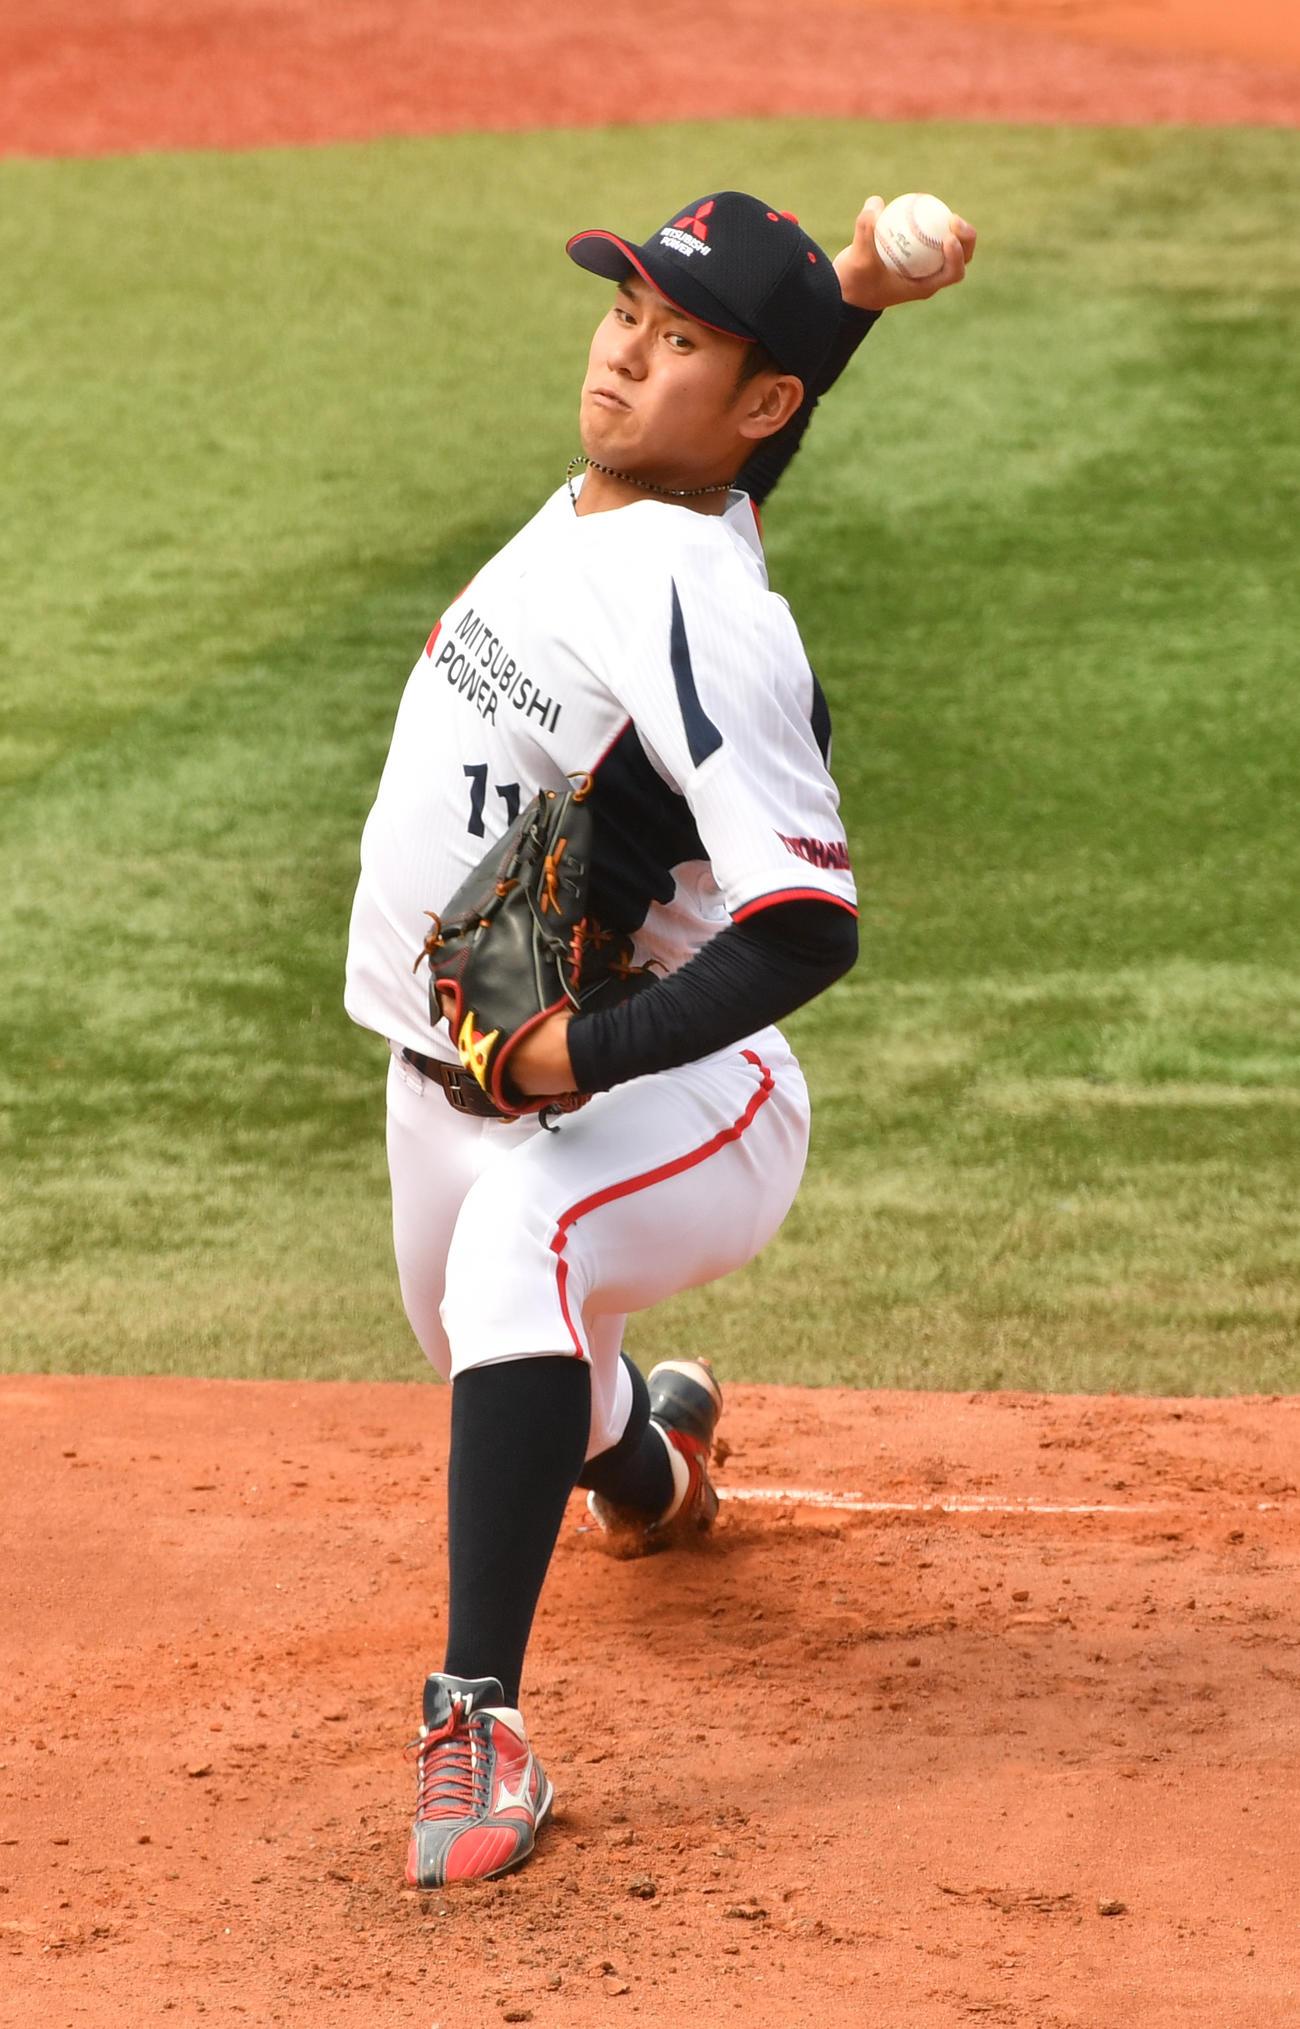 都市対抗代表決定リーグ ENEOS戦に先発した三菱パワー・伊藤(20年9月16日撮影)